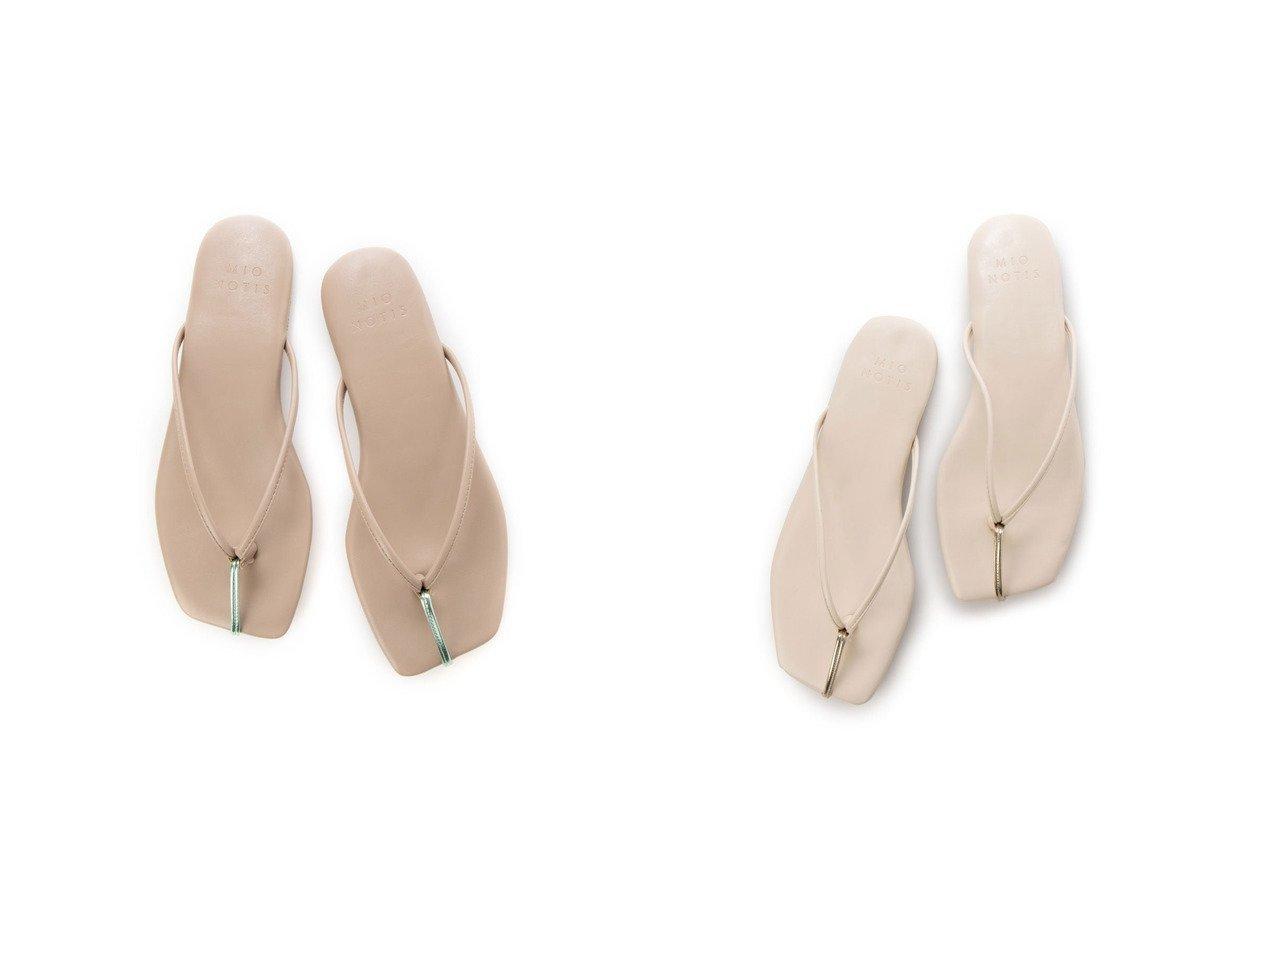 【mio notis/ミオ ノティス】のトゥポイントトングフラットサンダル 【シューズ・靴】おすすめ!人気、トレンド・レディースファッションの通販 おすすめで人気の流行・トレンド、ファッションの通販商品 インテリア・家具・メンズファッション・キッズファッション・レディースファッション・服の通販 founy(ファニー) https://founy.com/ ファッション Fashion レディースファッション WOMEN 2021年 2021 2021春夏・S/S SS/Spring/Summer/2021 S/S・春夏 SS・Spring/Summer メタリック 春 Spring  ID:crp329100000045188